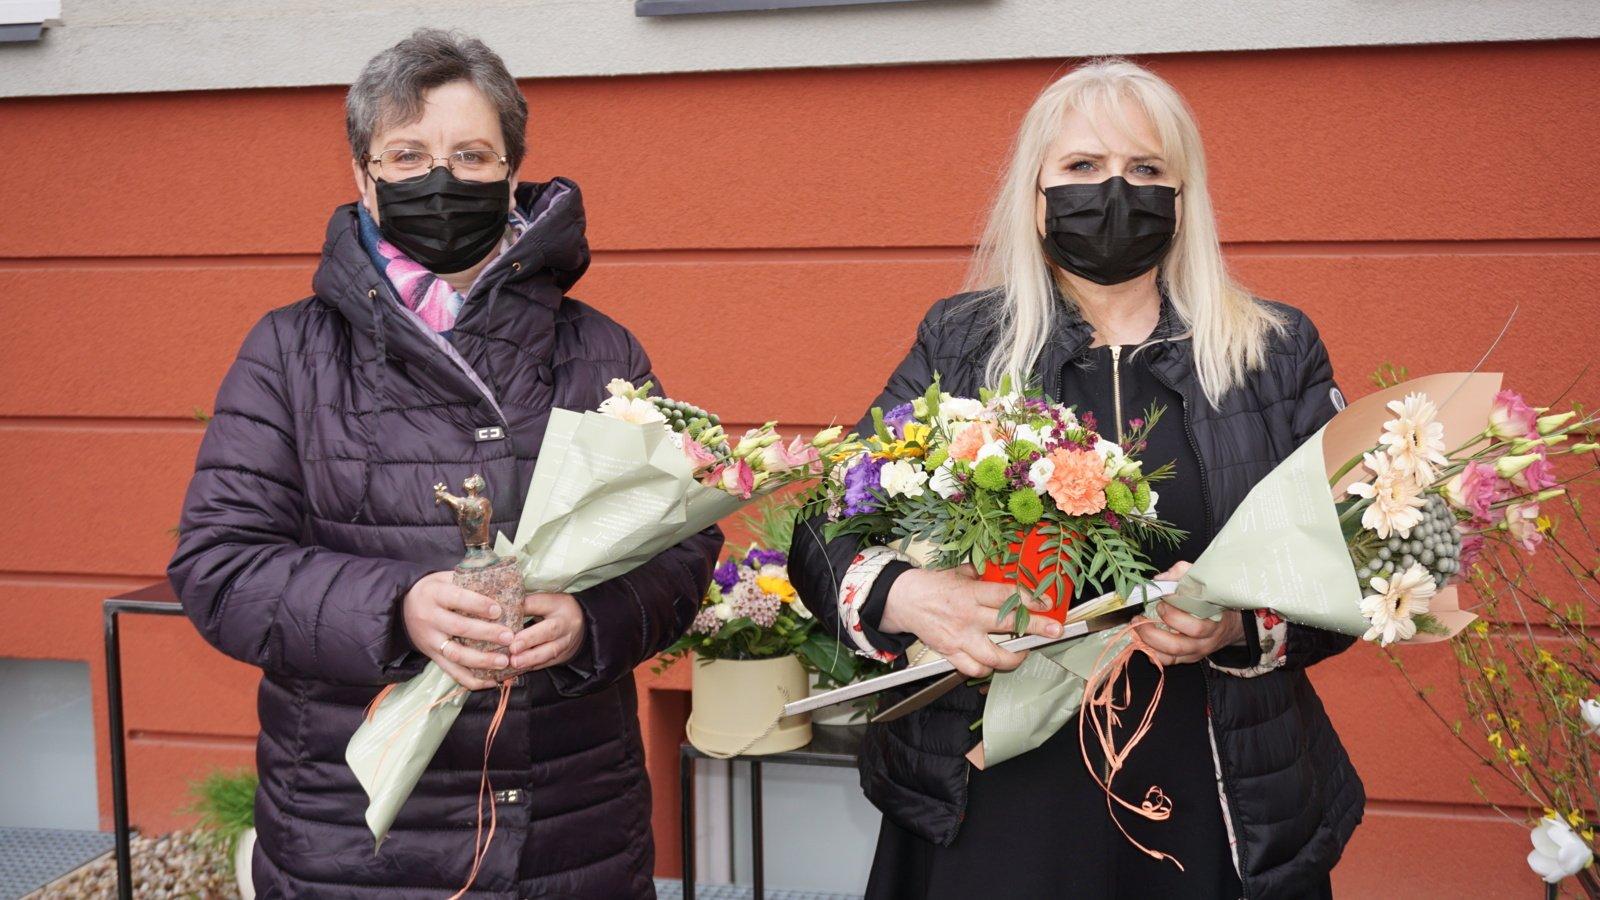 Tarptautinę kultūros dieną apdovanoti Ukmergės krašto kūrėjai